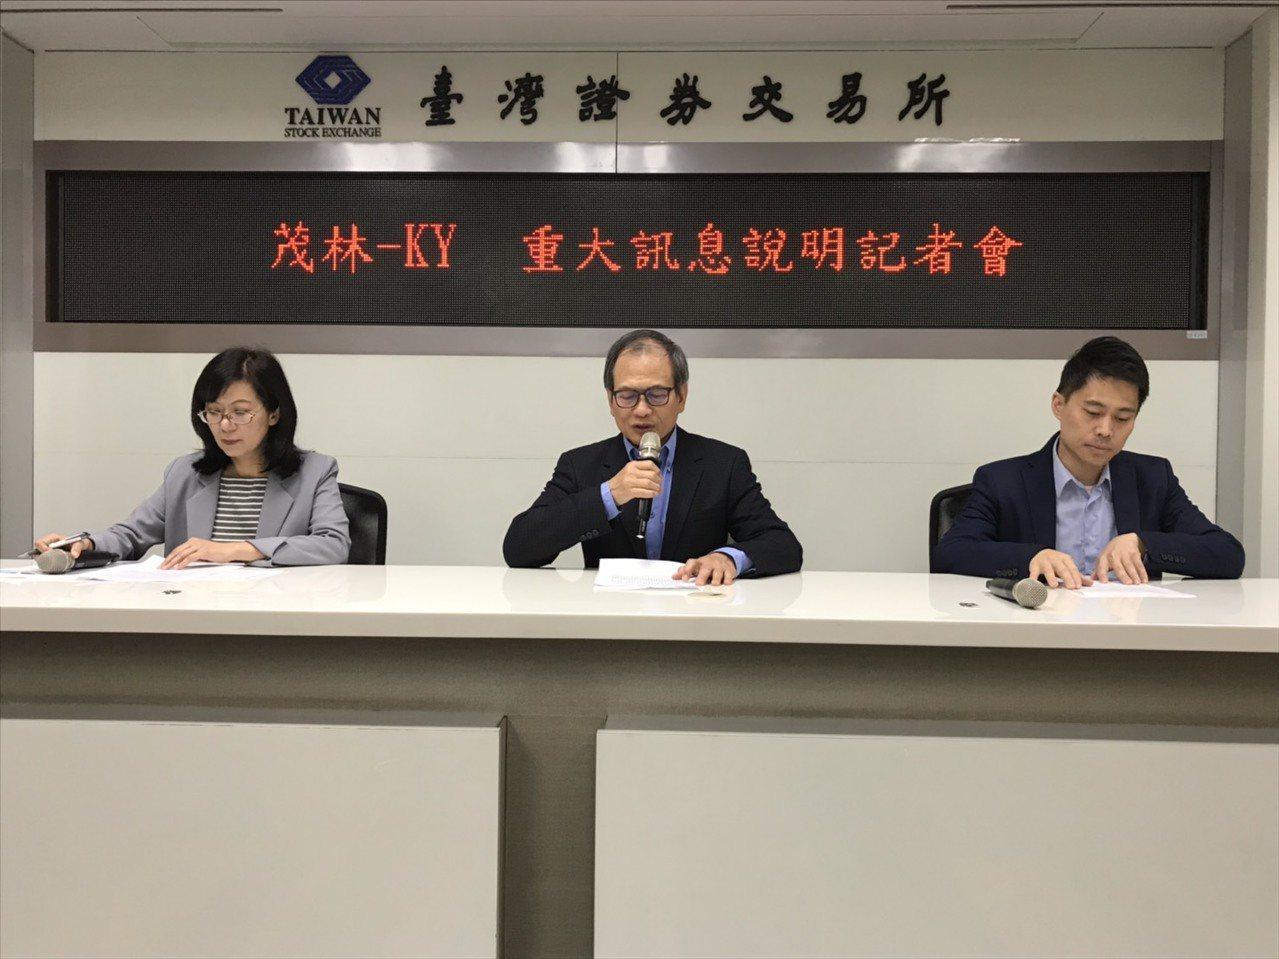 茂林-KY董事長李滿祥20日親自上陣說明二度重編第3季財報事宜。記者蔡銘仁/攝影